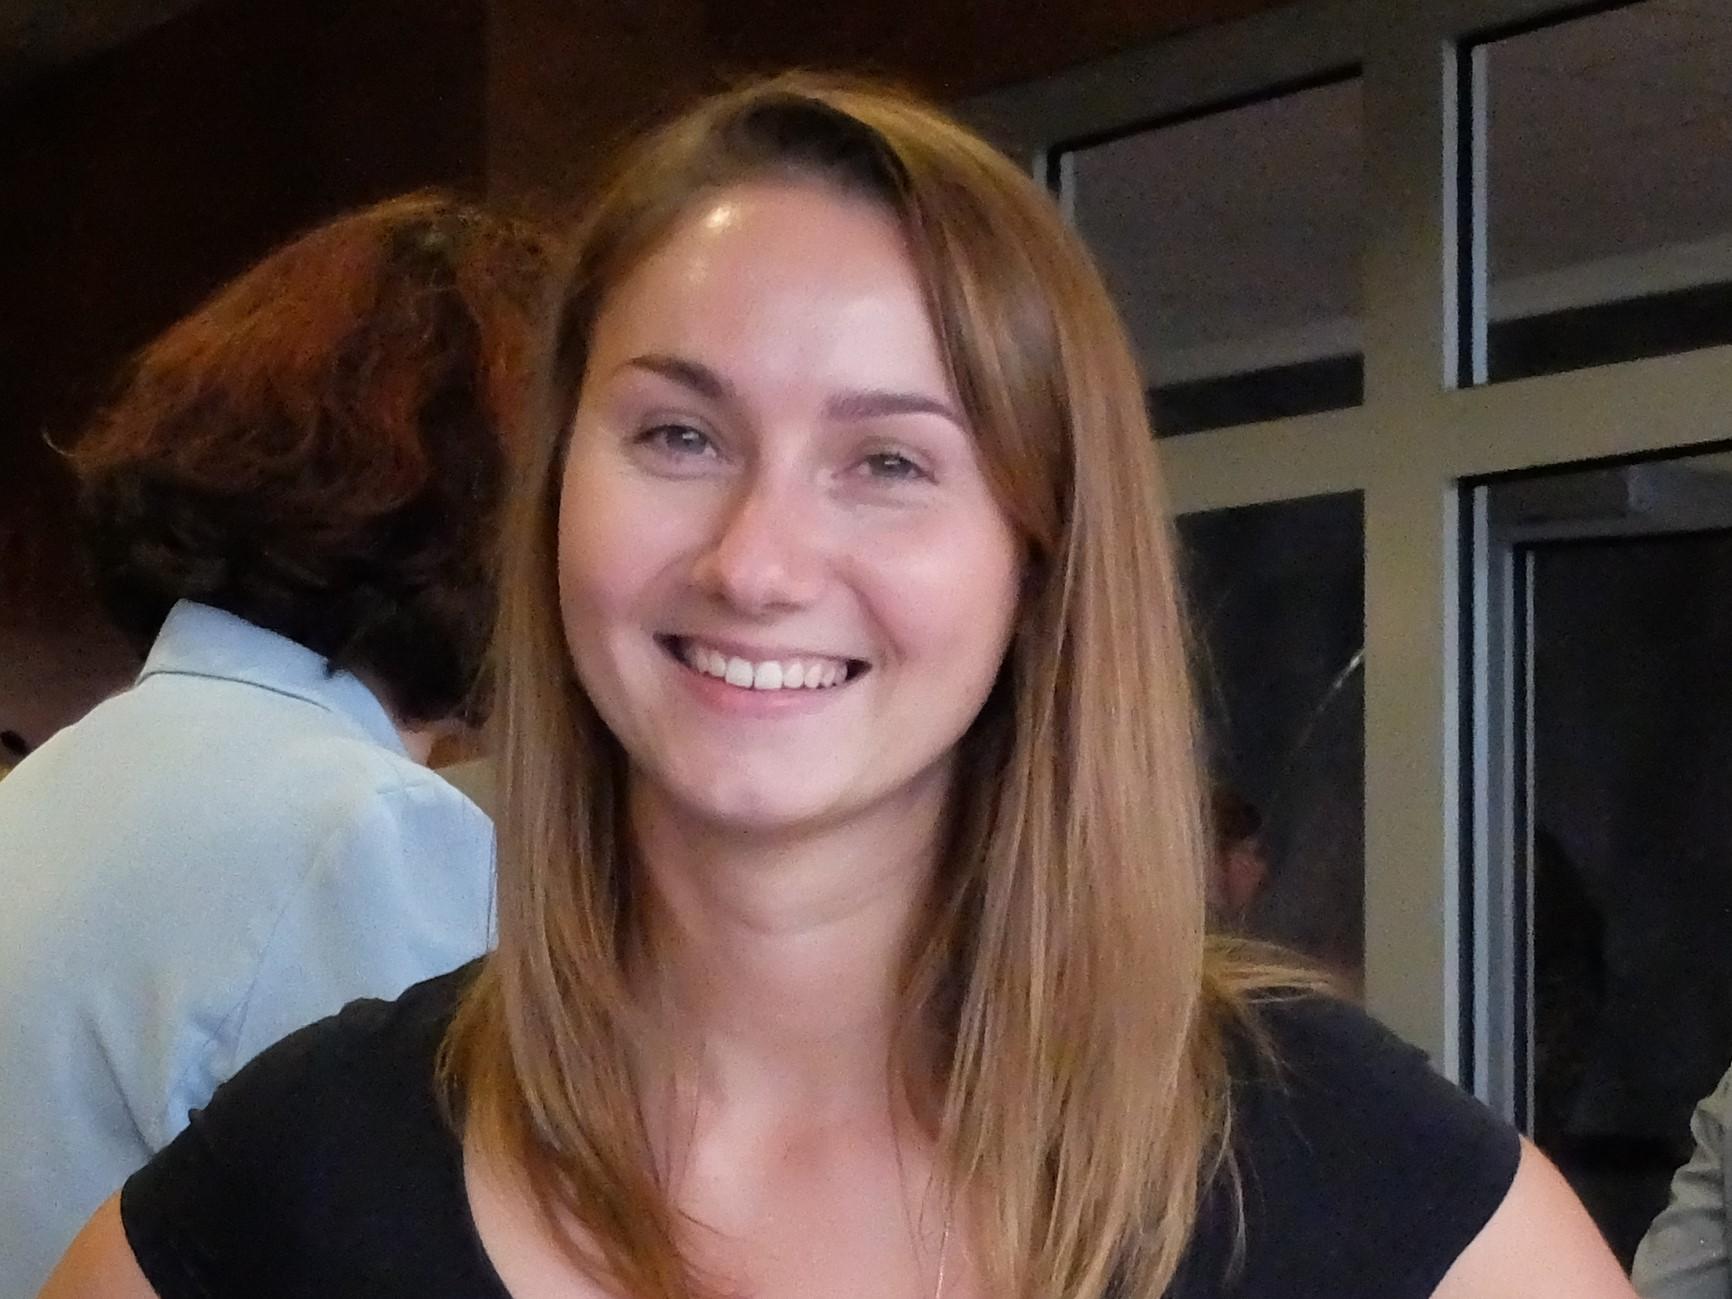 Karin Andrášiková / External Trainer